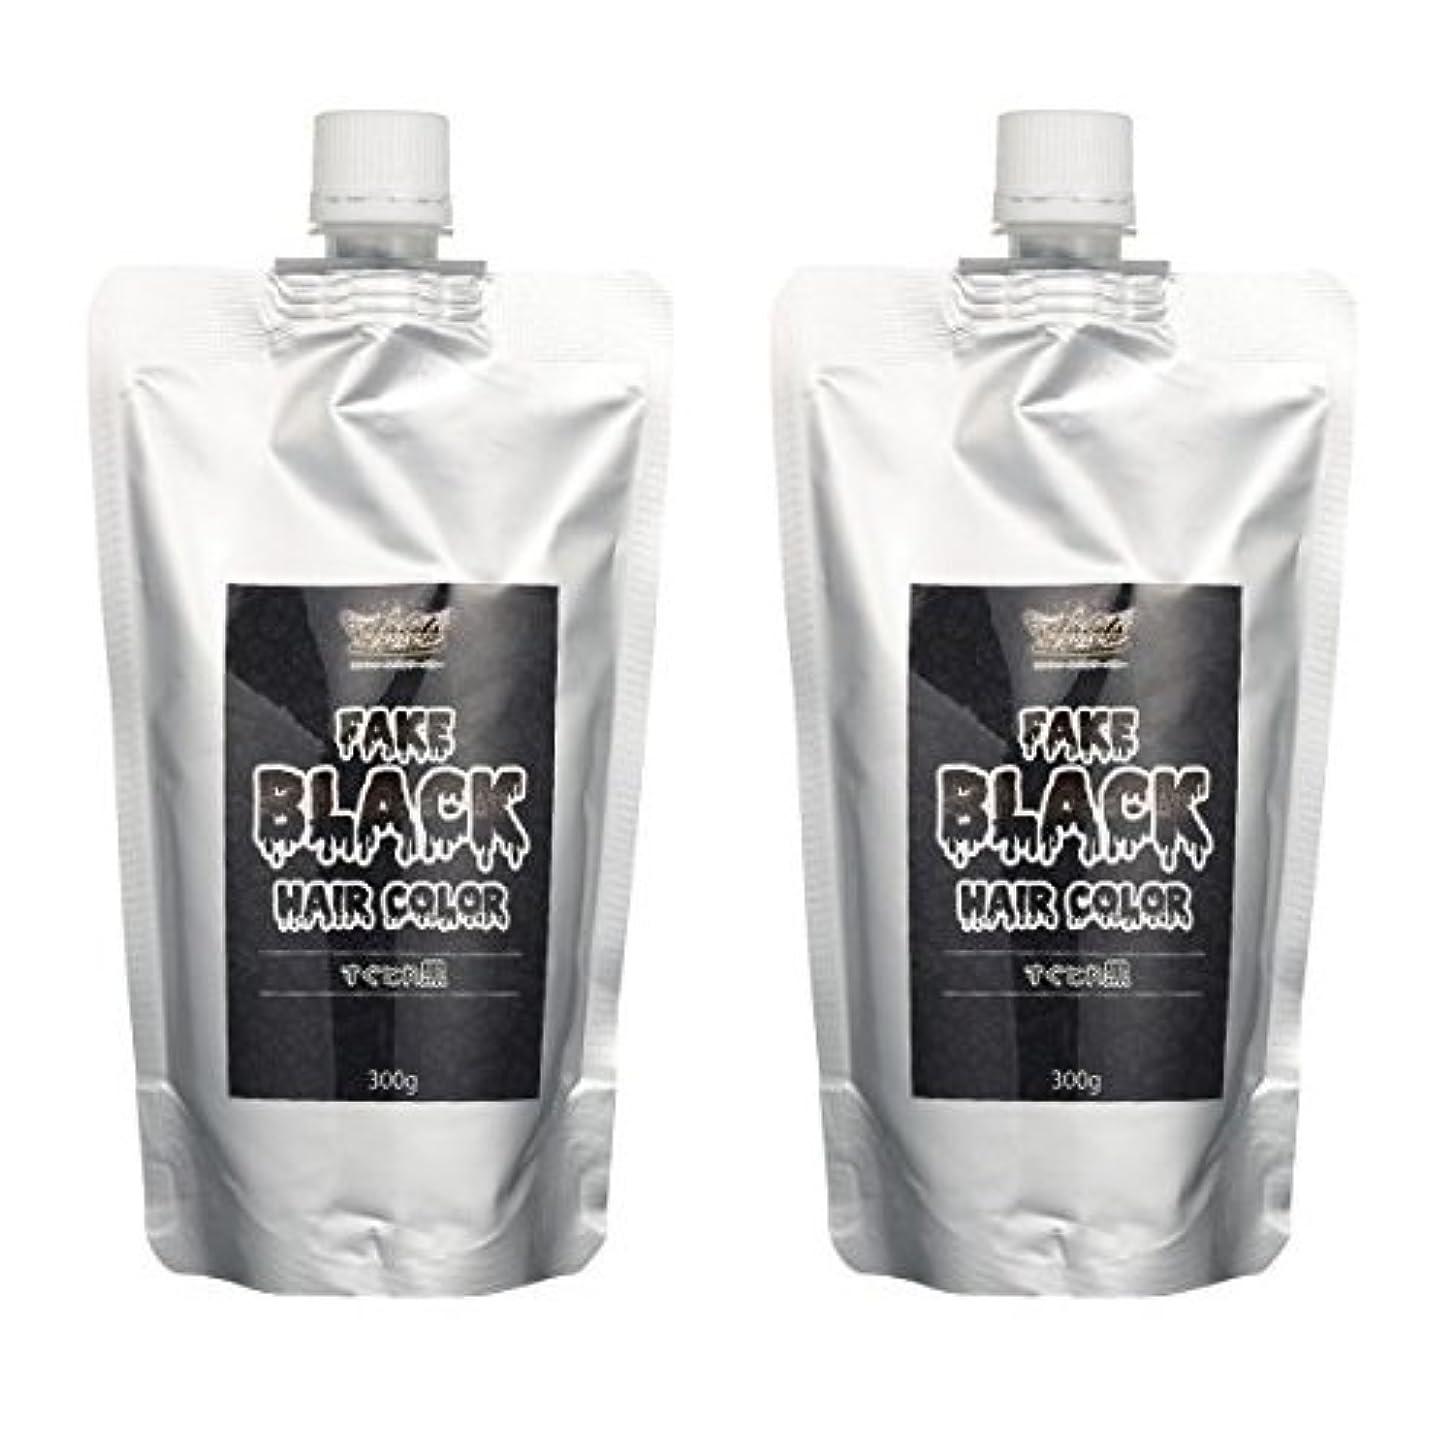 床を掃除するマート曖昧な【2本セット】エンシェールズ カラートリートメントバター 300g すぐとれ黒 フェイクブラック